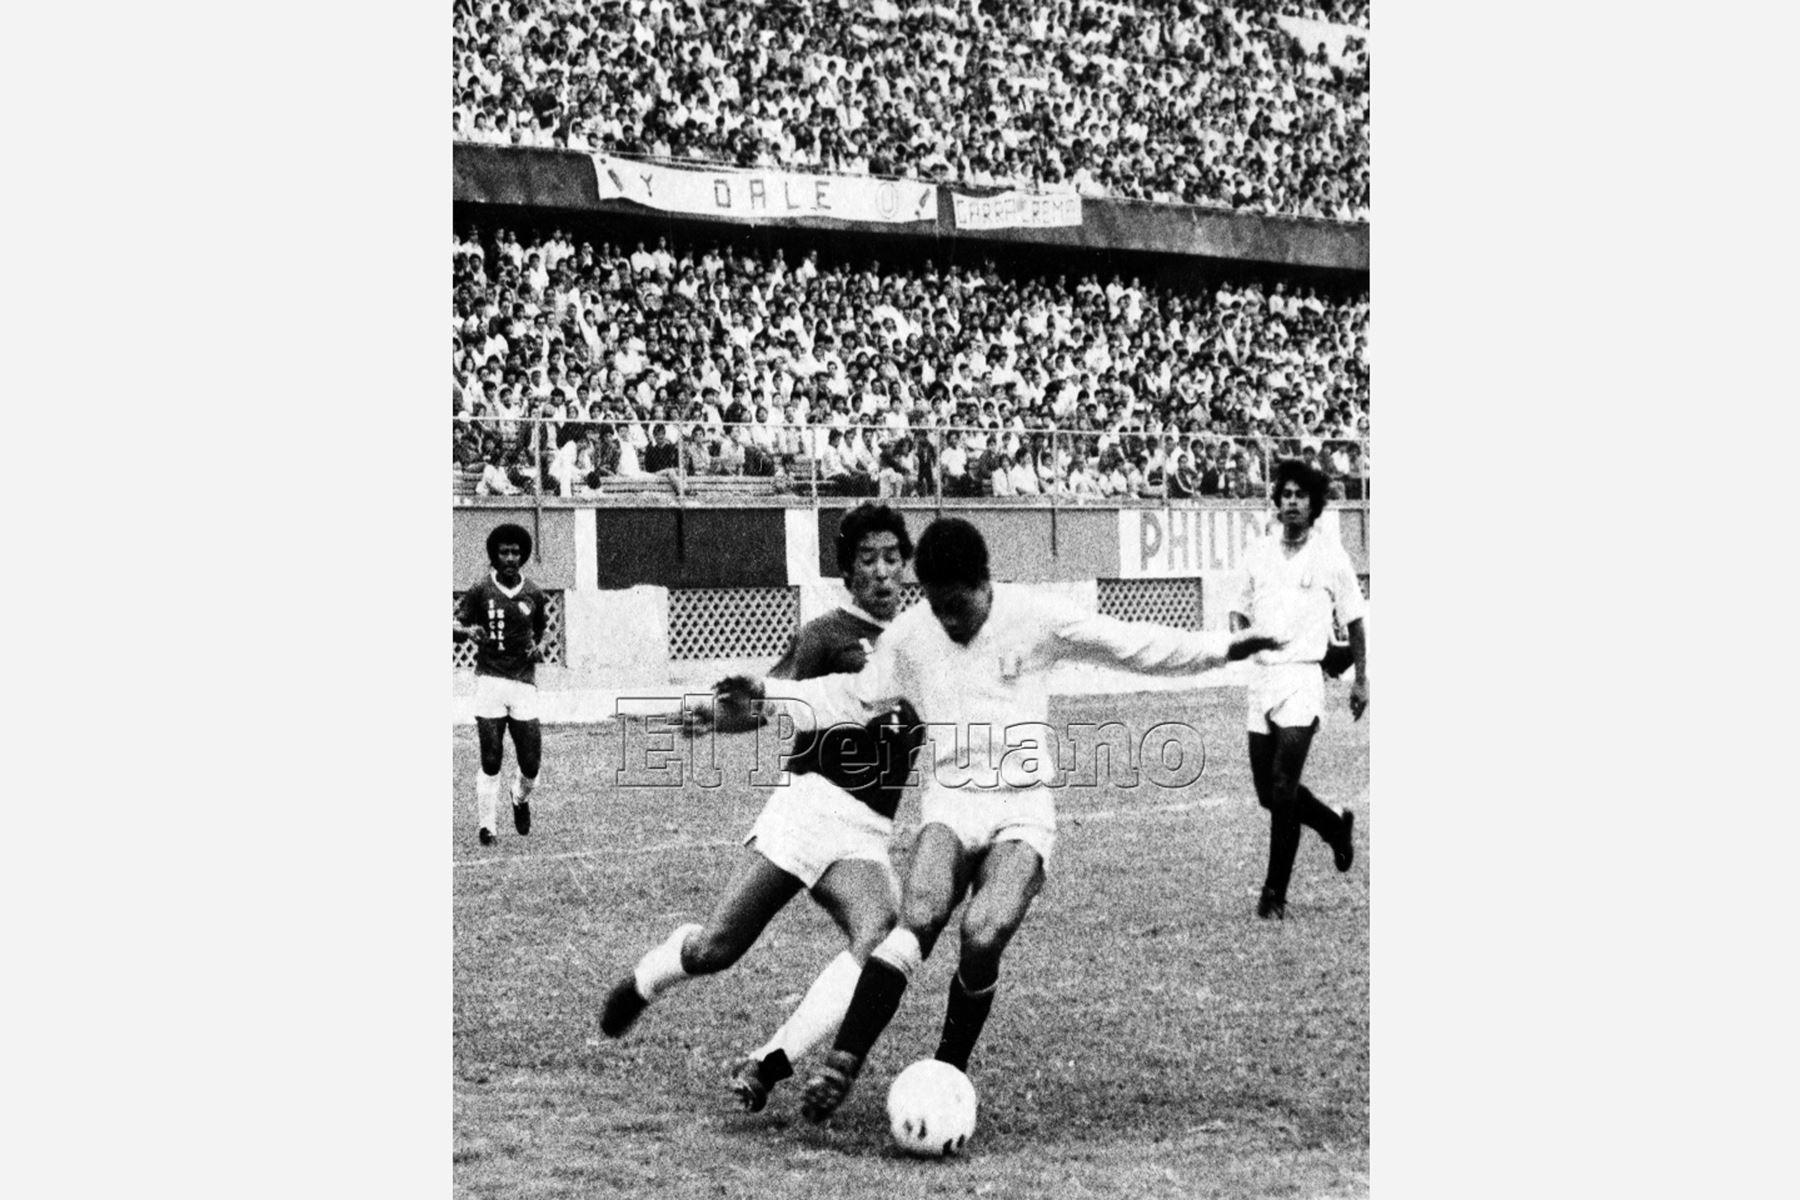 Lima - 8 diciembre 1983 / Samuel Eugenio, con la casaquilla de la U sobre la pelota cerrándole el ingreso a Rivero, mientras observaban la jugada Gago y Gastulo por el CNI, Universitario se impuso por 2-0. Foto: Archivo diario El Peruano